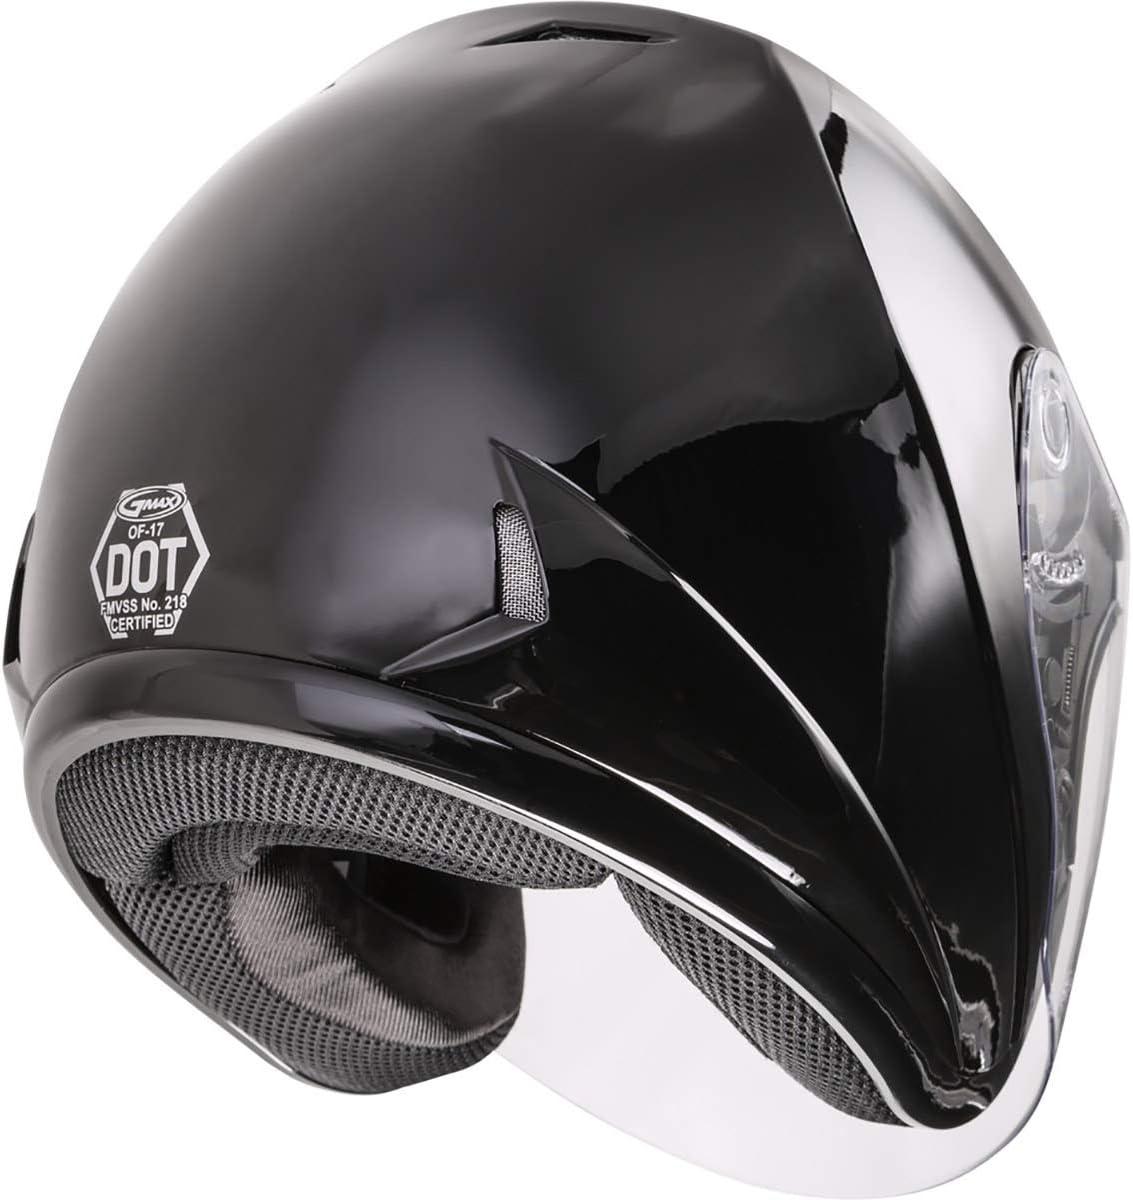 GMAX OF-17 Solid Helmet Motorcycle Street Bike 3//4 Helmet